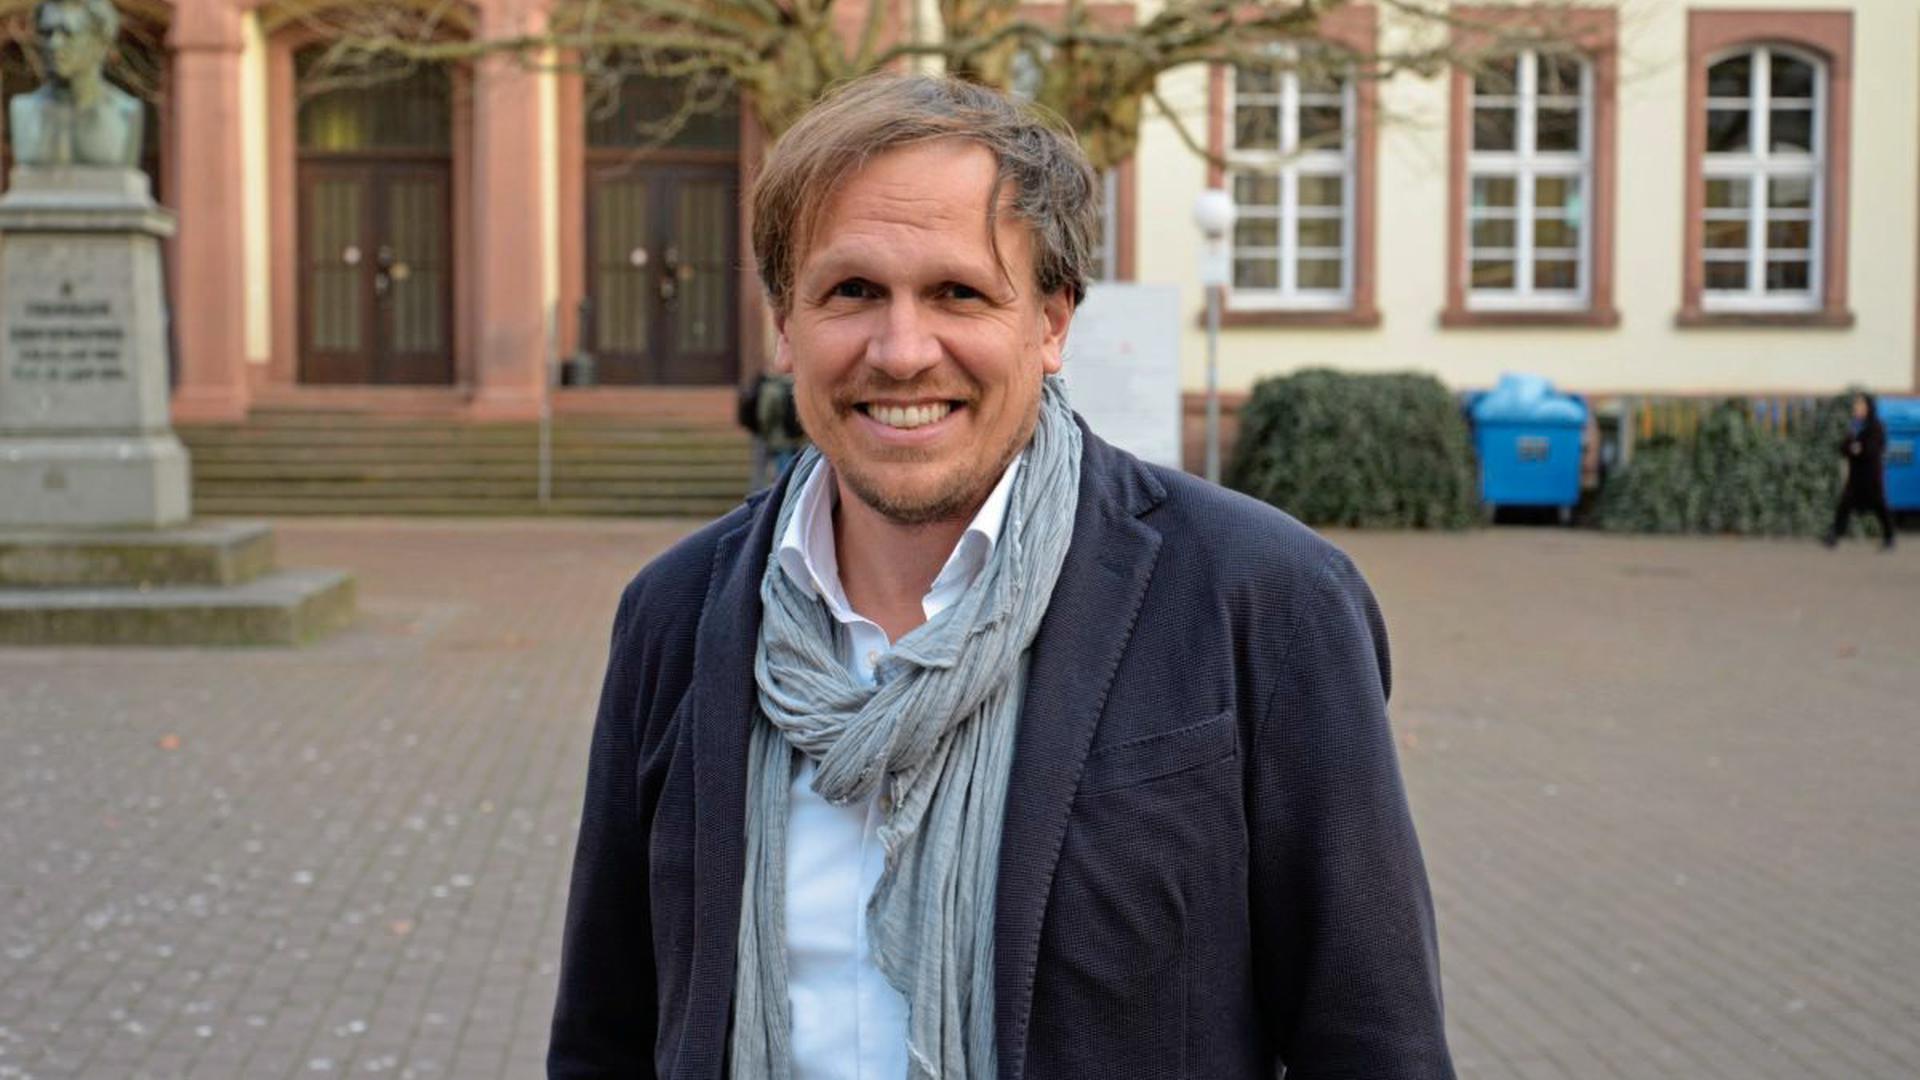 Dirk Hebel